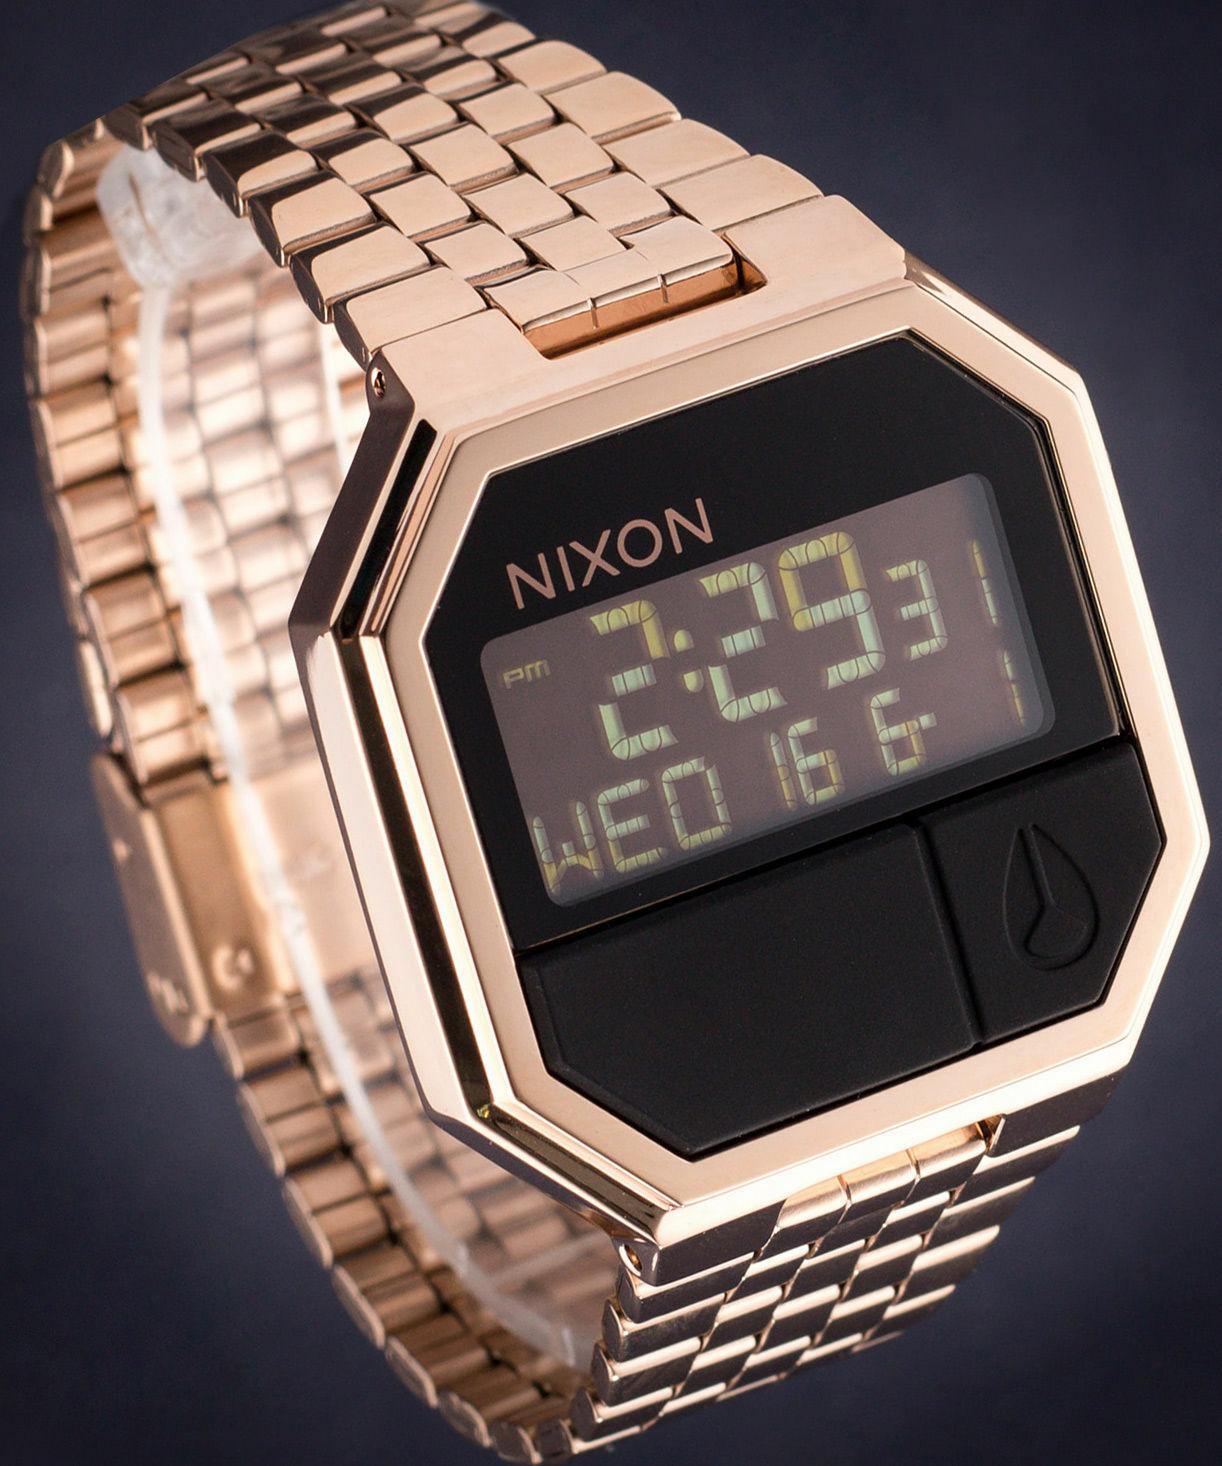 Nixon zegarki